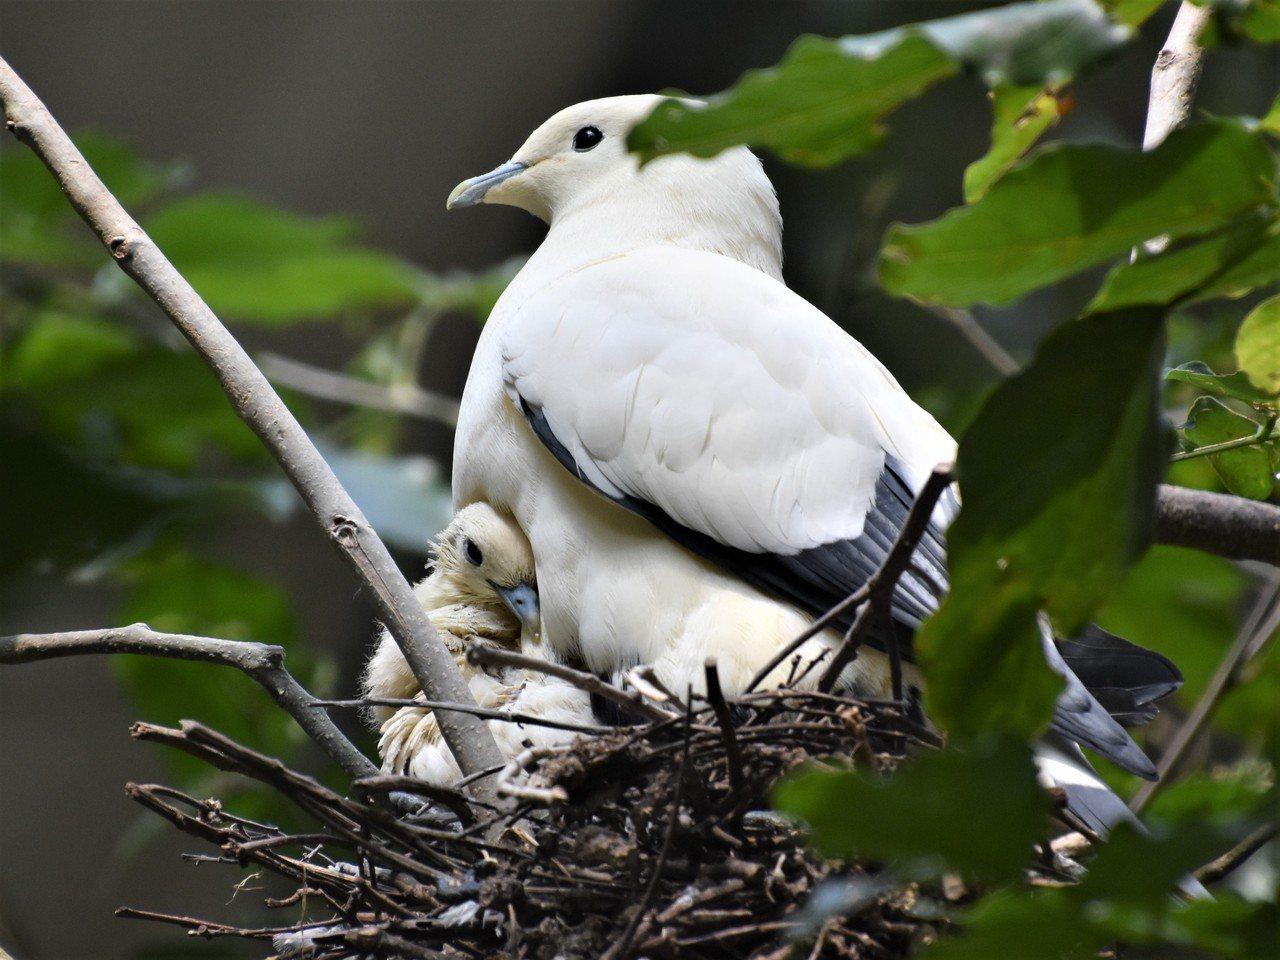 白皇鳩也蹲在窩裡,小鳥依偎在媽媽懷裡,不時伸出頭來窺伺來客。 圖/沈正柔 提供